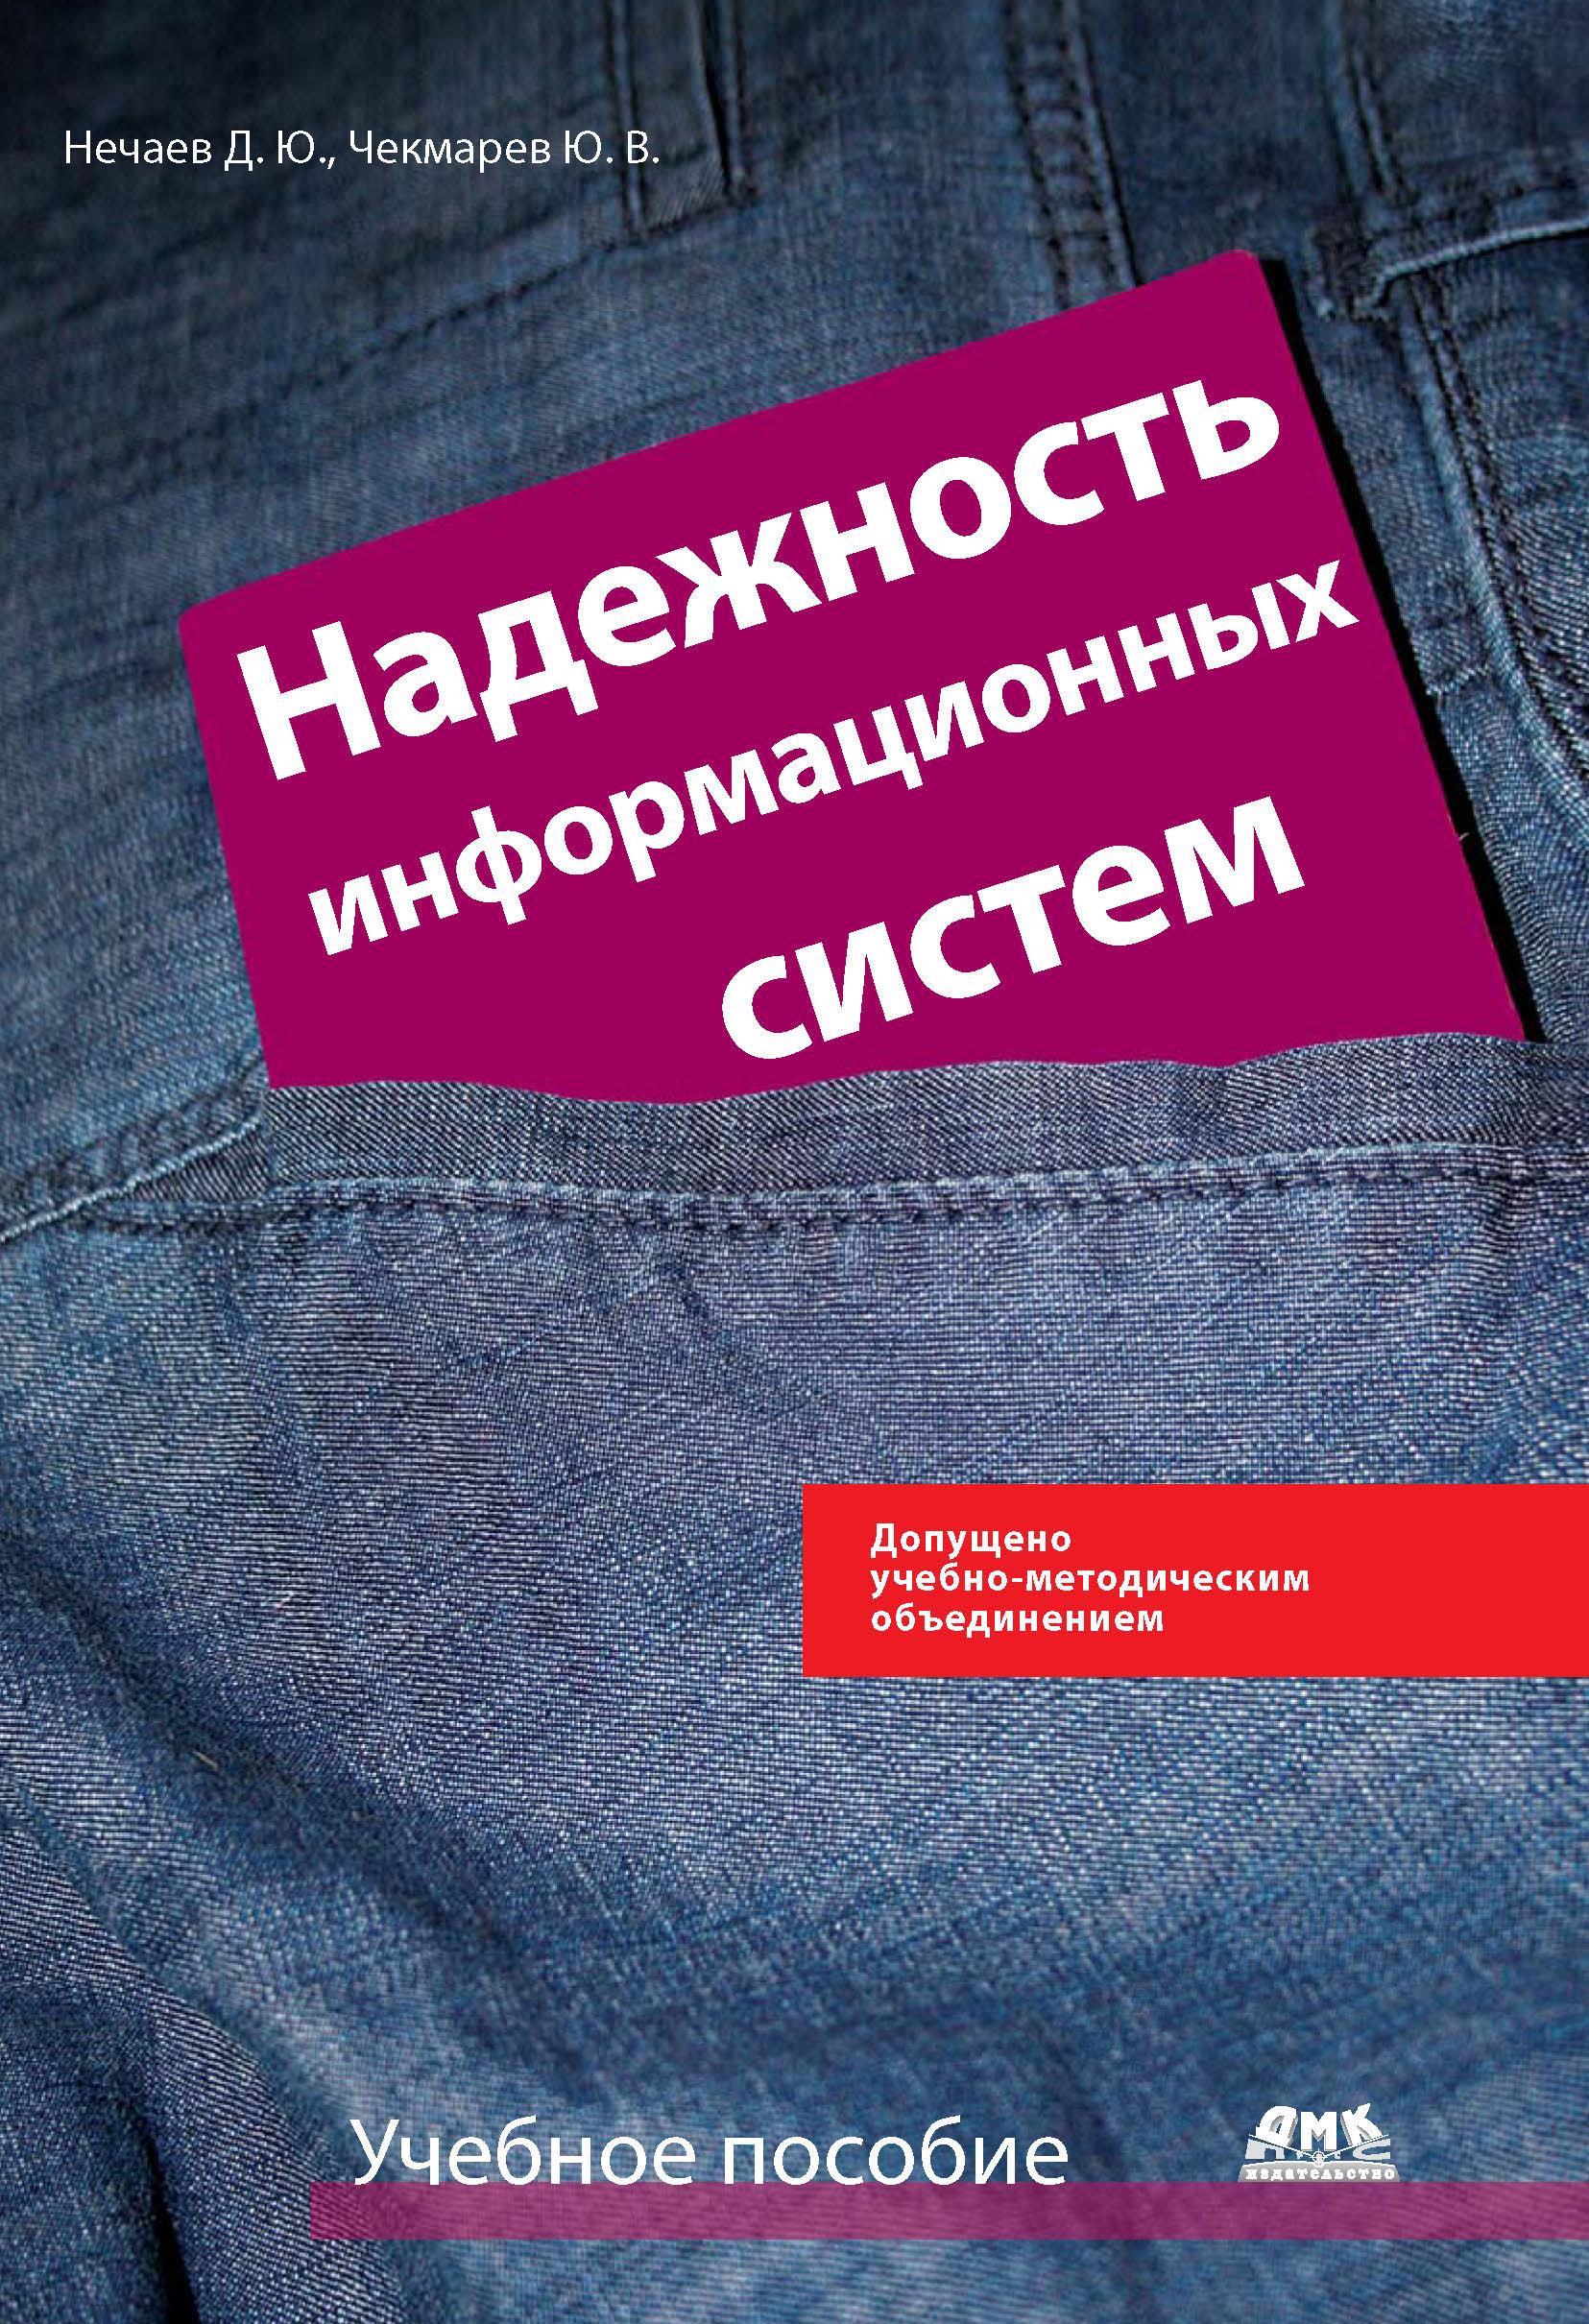 Ю. В. Чекмарев Надежность информационных систем футорка smart ис 072204